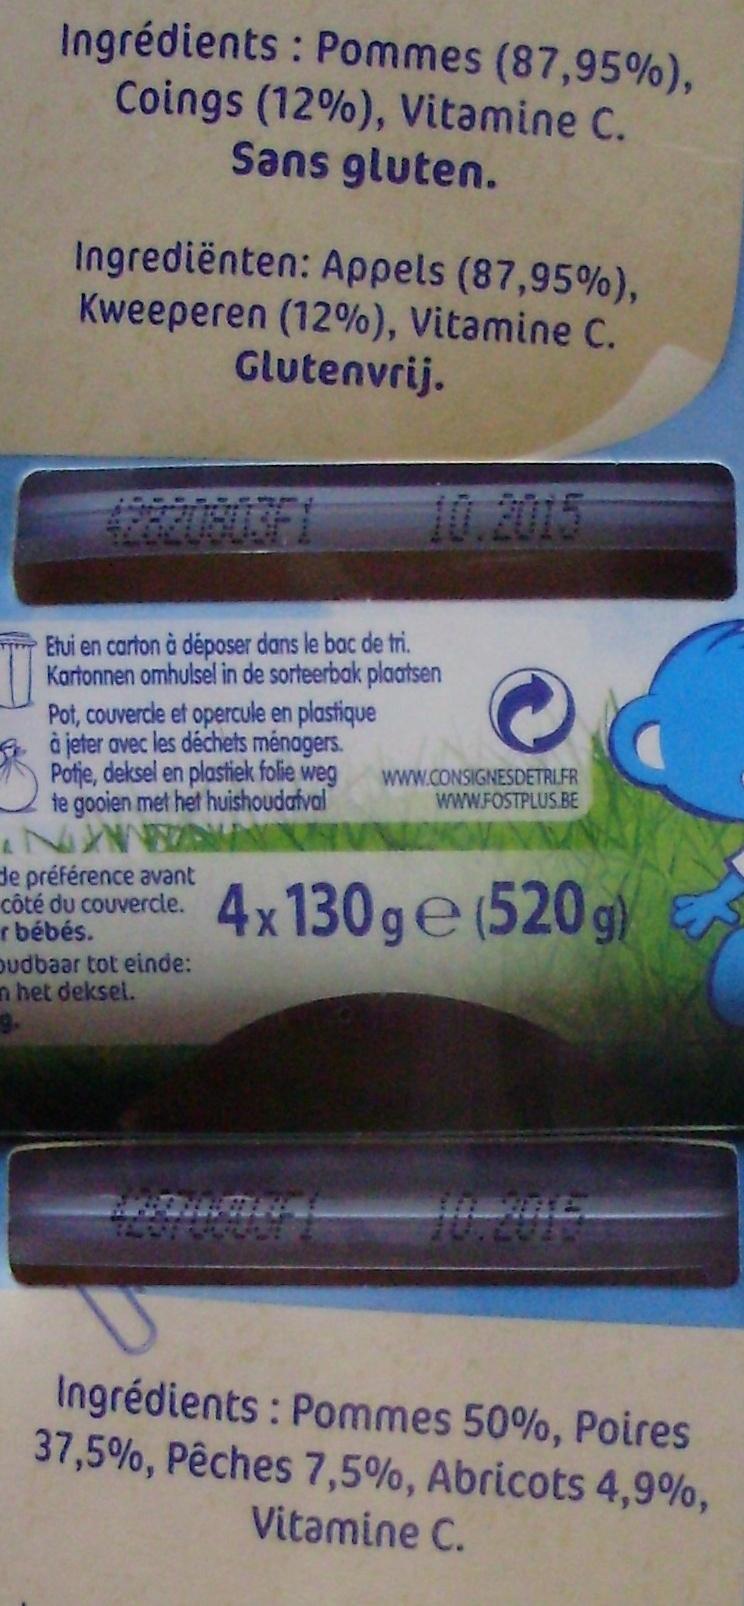 NaturNes Pommes Coings (x 4), Fruits du Verger (x 4) Lot de 8 Pots [Lot composé des articles 7613031552139 et 7613031552344] - Ingredients